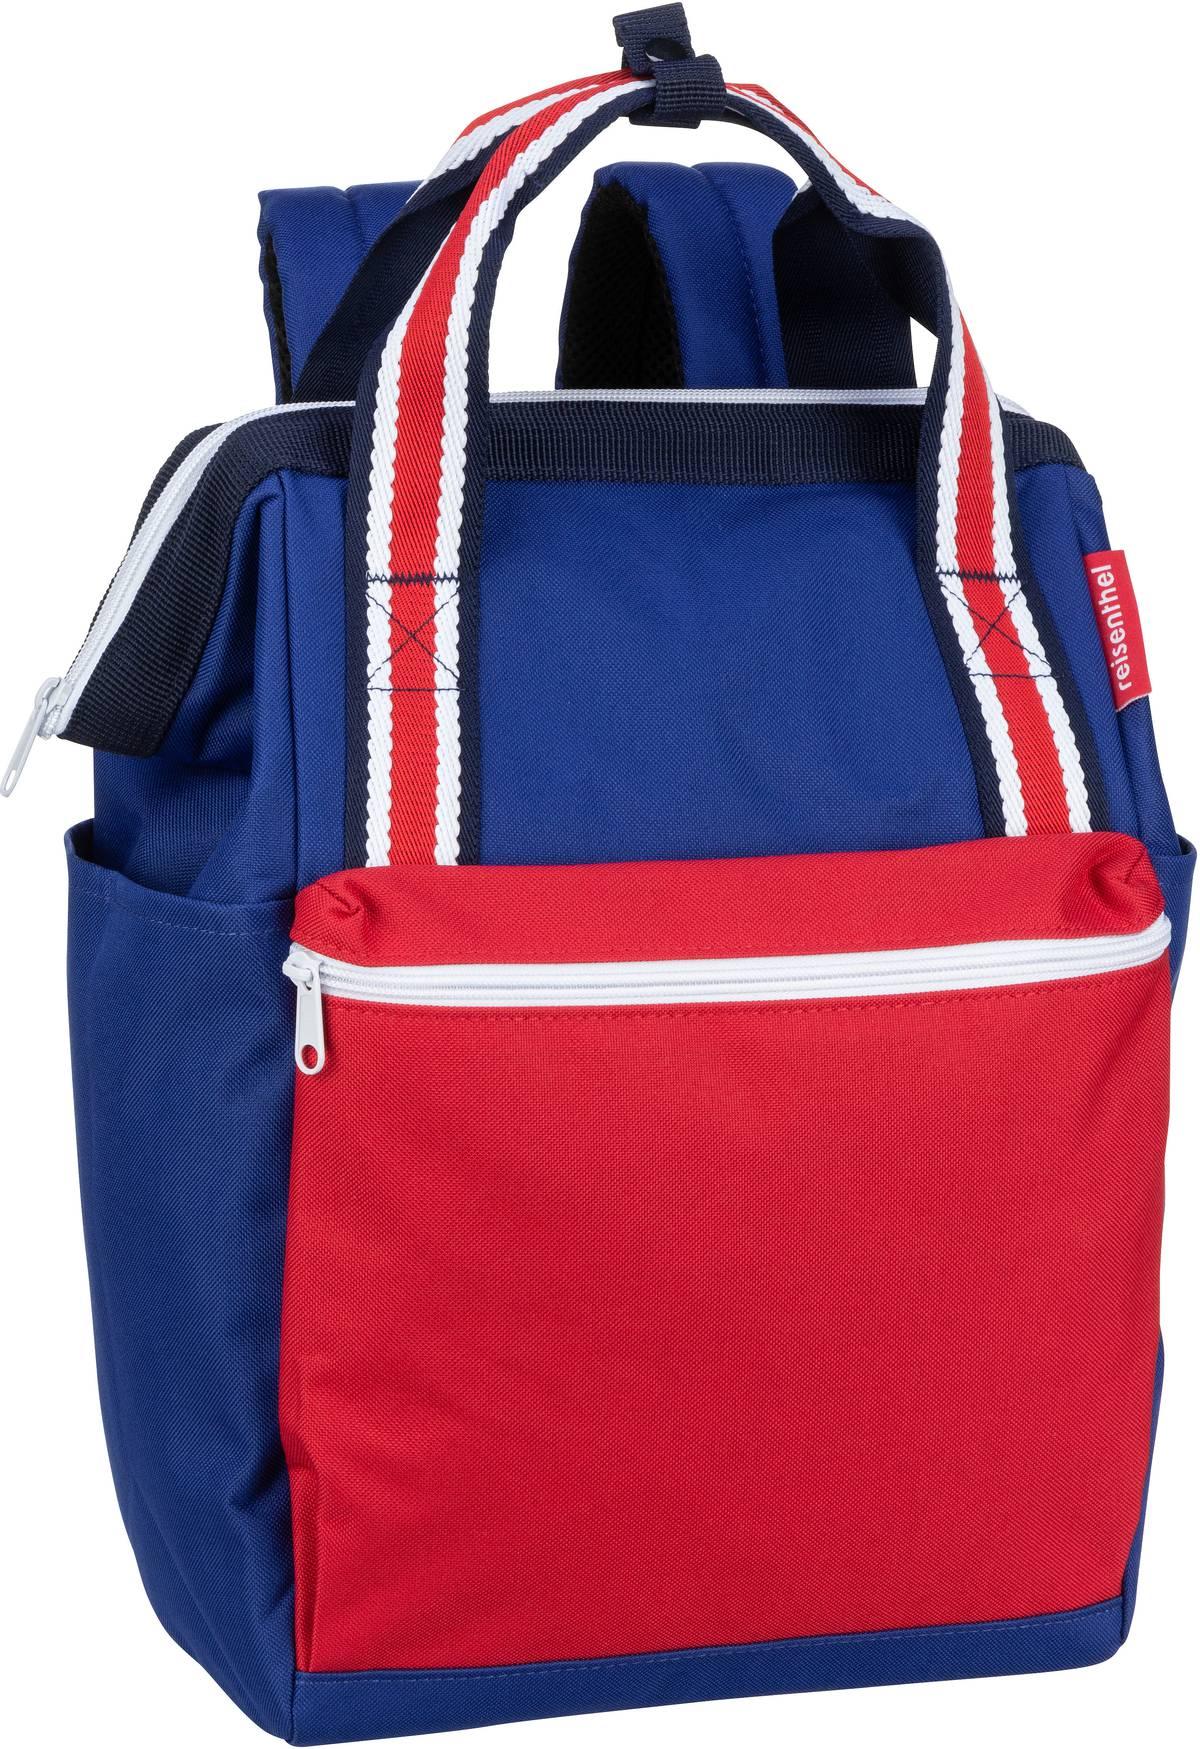 Rucksaecke - reisenthel Rucksack Daypack allrounder R Nautic (12 Liter)  - Onlineshop Taschenkaufhaus